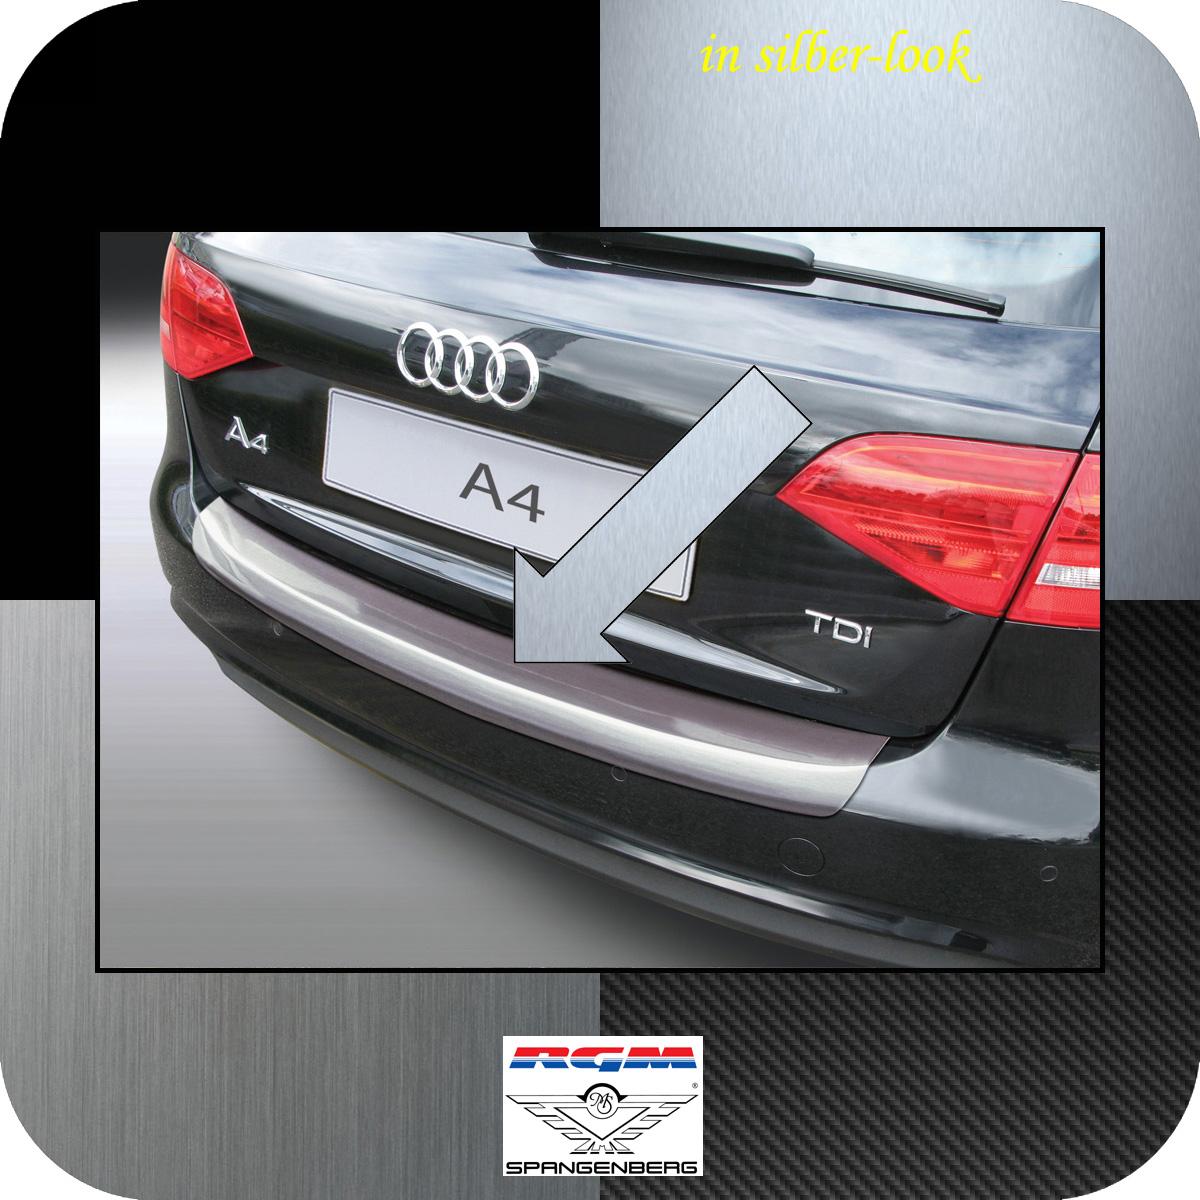 Ladekantenschutz Silber-Look Audi A4 B8 Avant Mopf 2011-2015 auch S-Line 3506566